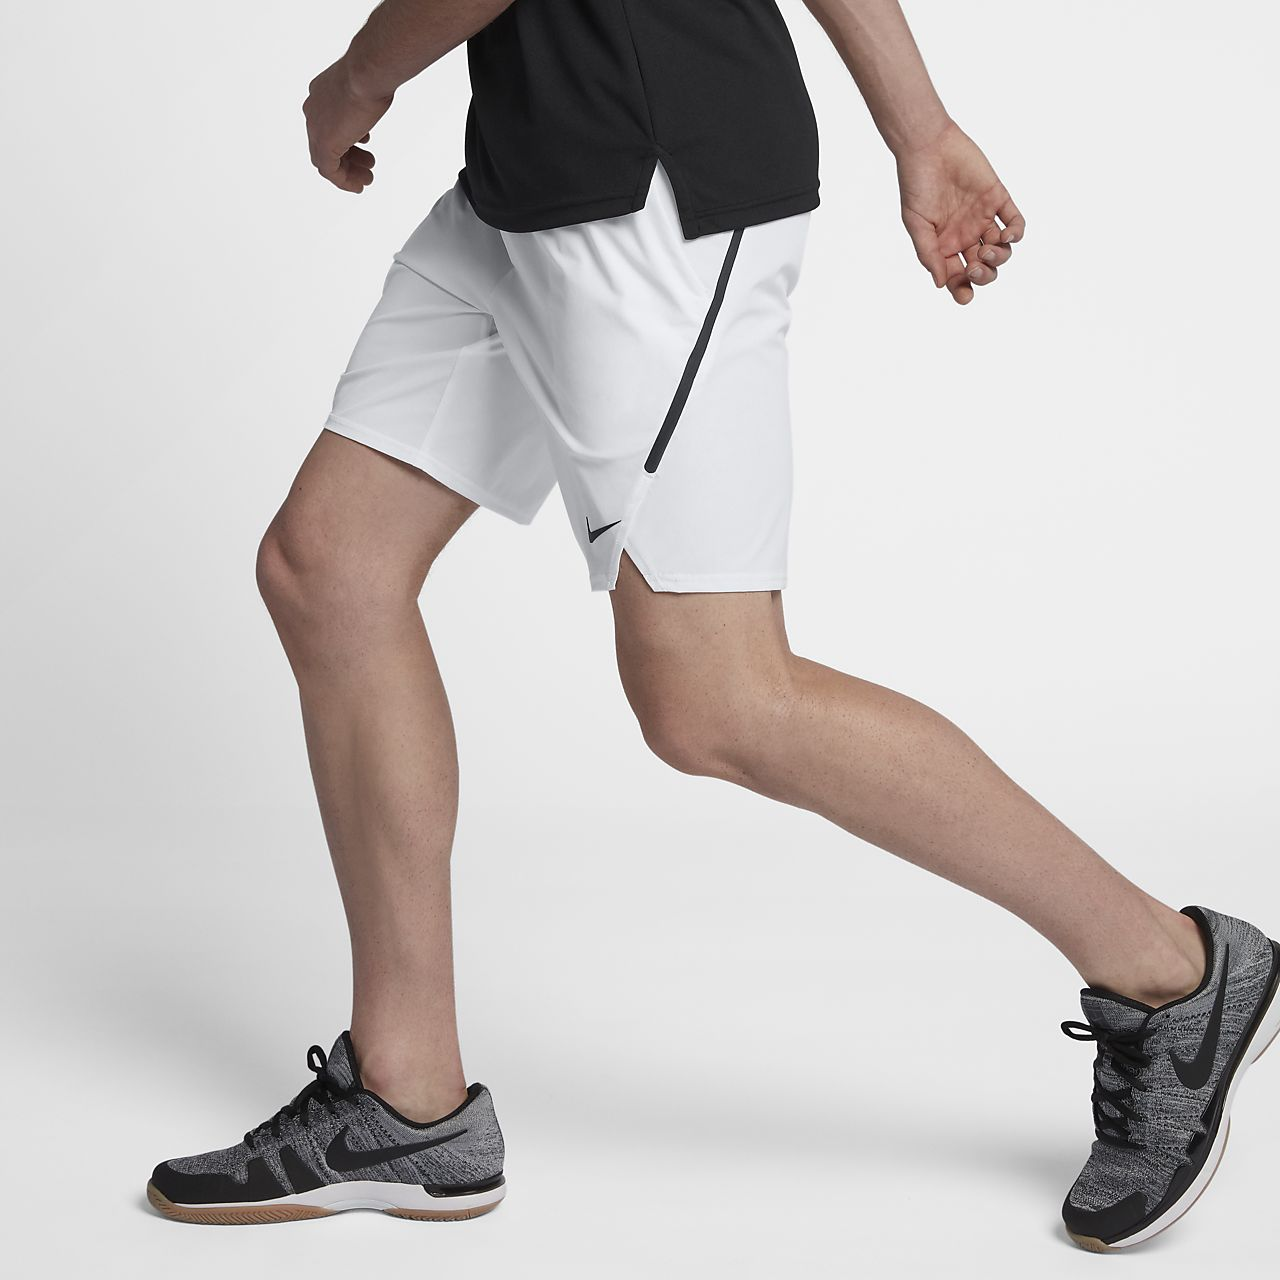 1a55bd421da59 NikeCourt Flex Ace Men's Tennis Shorts. Nike.com